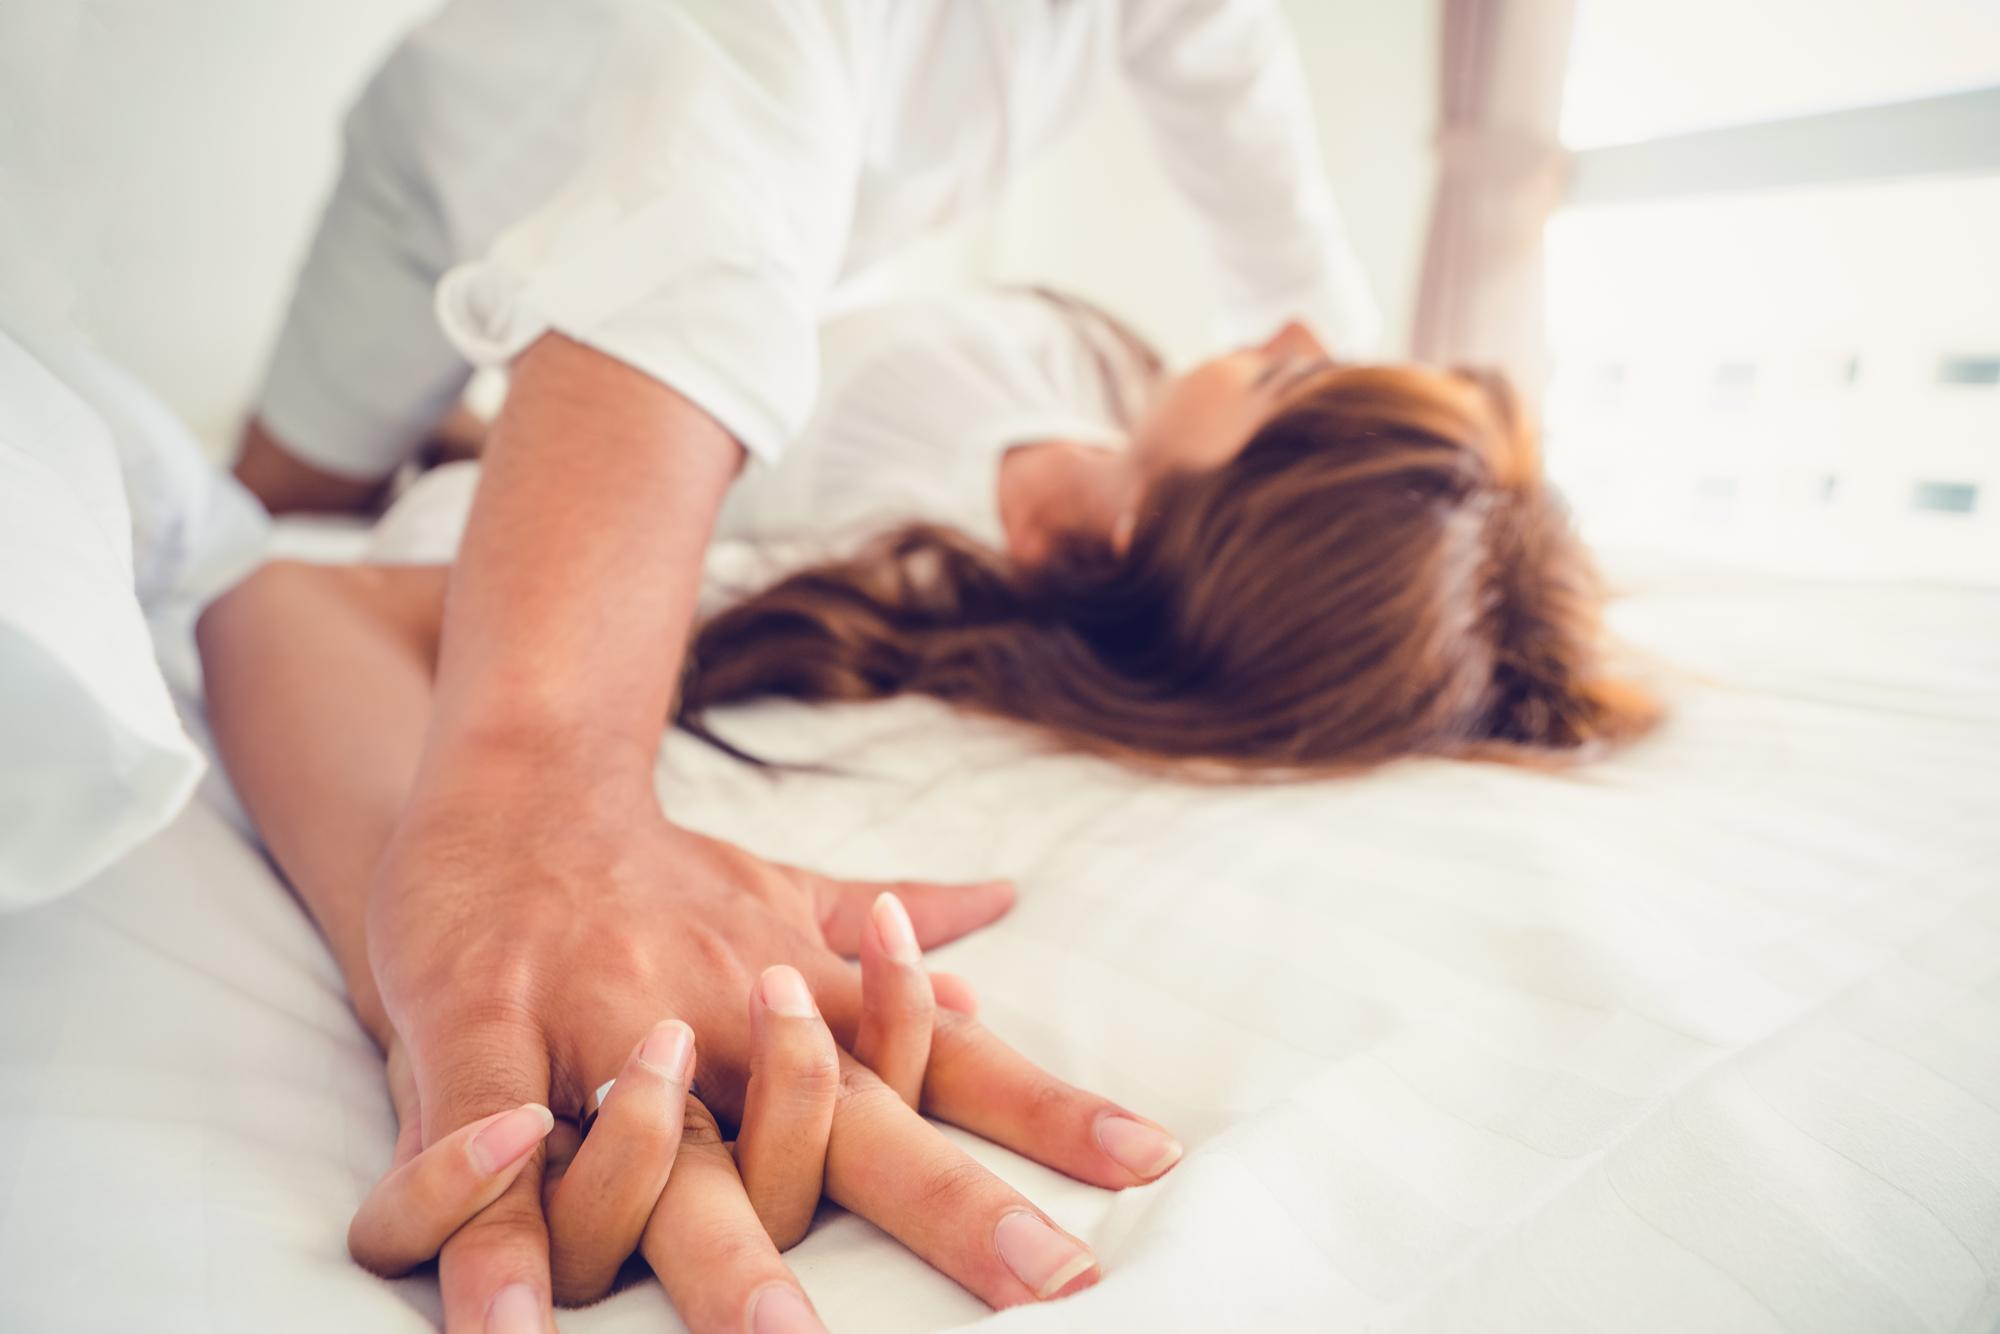 Французская компания выплатит компенсацию за смерть сотрудника во время секса